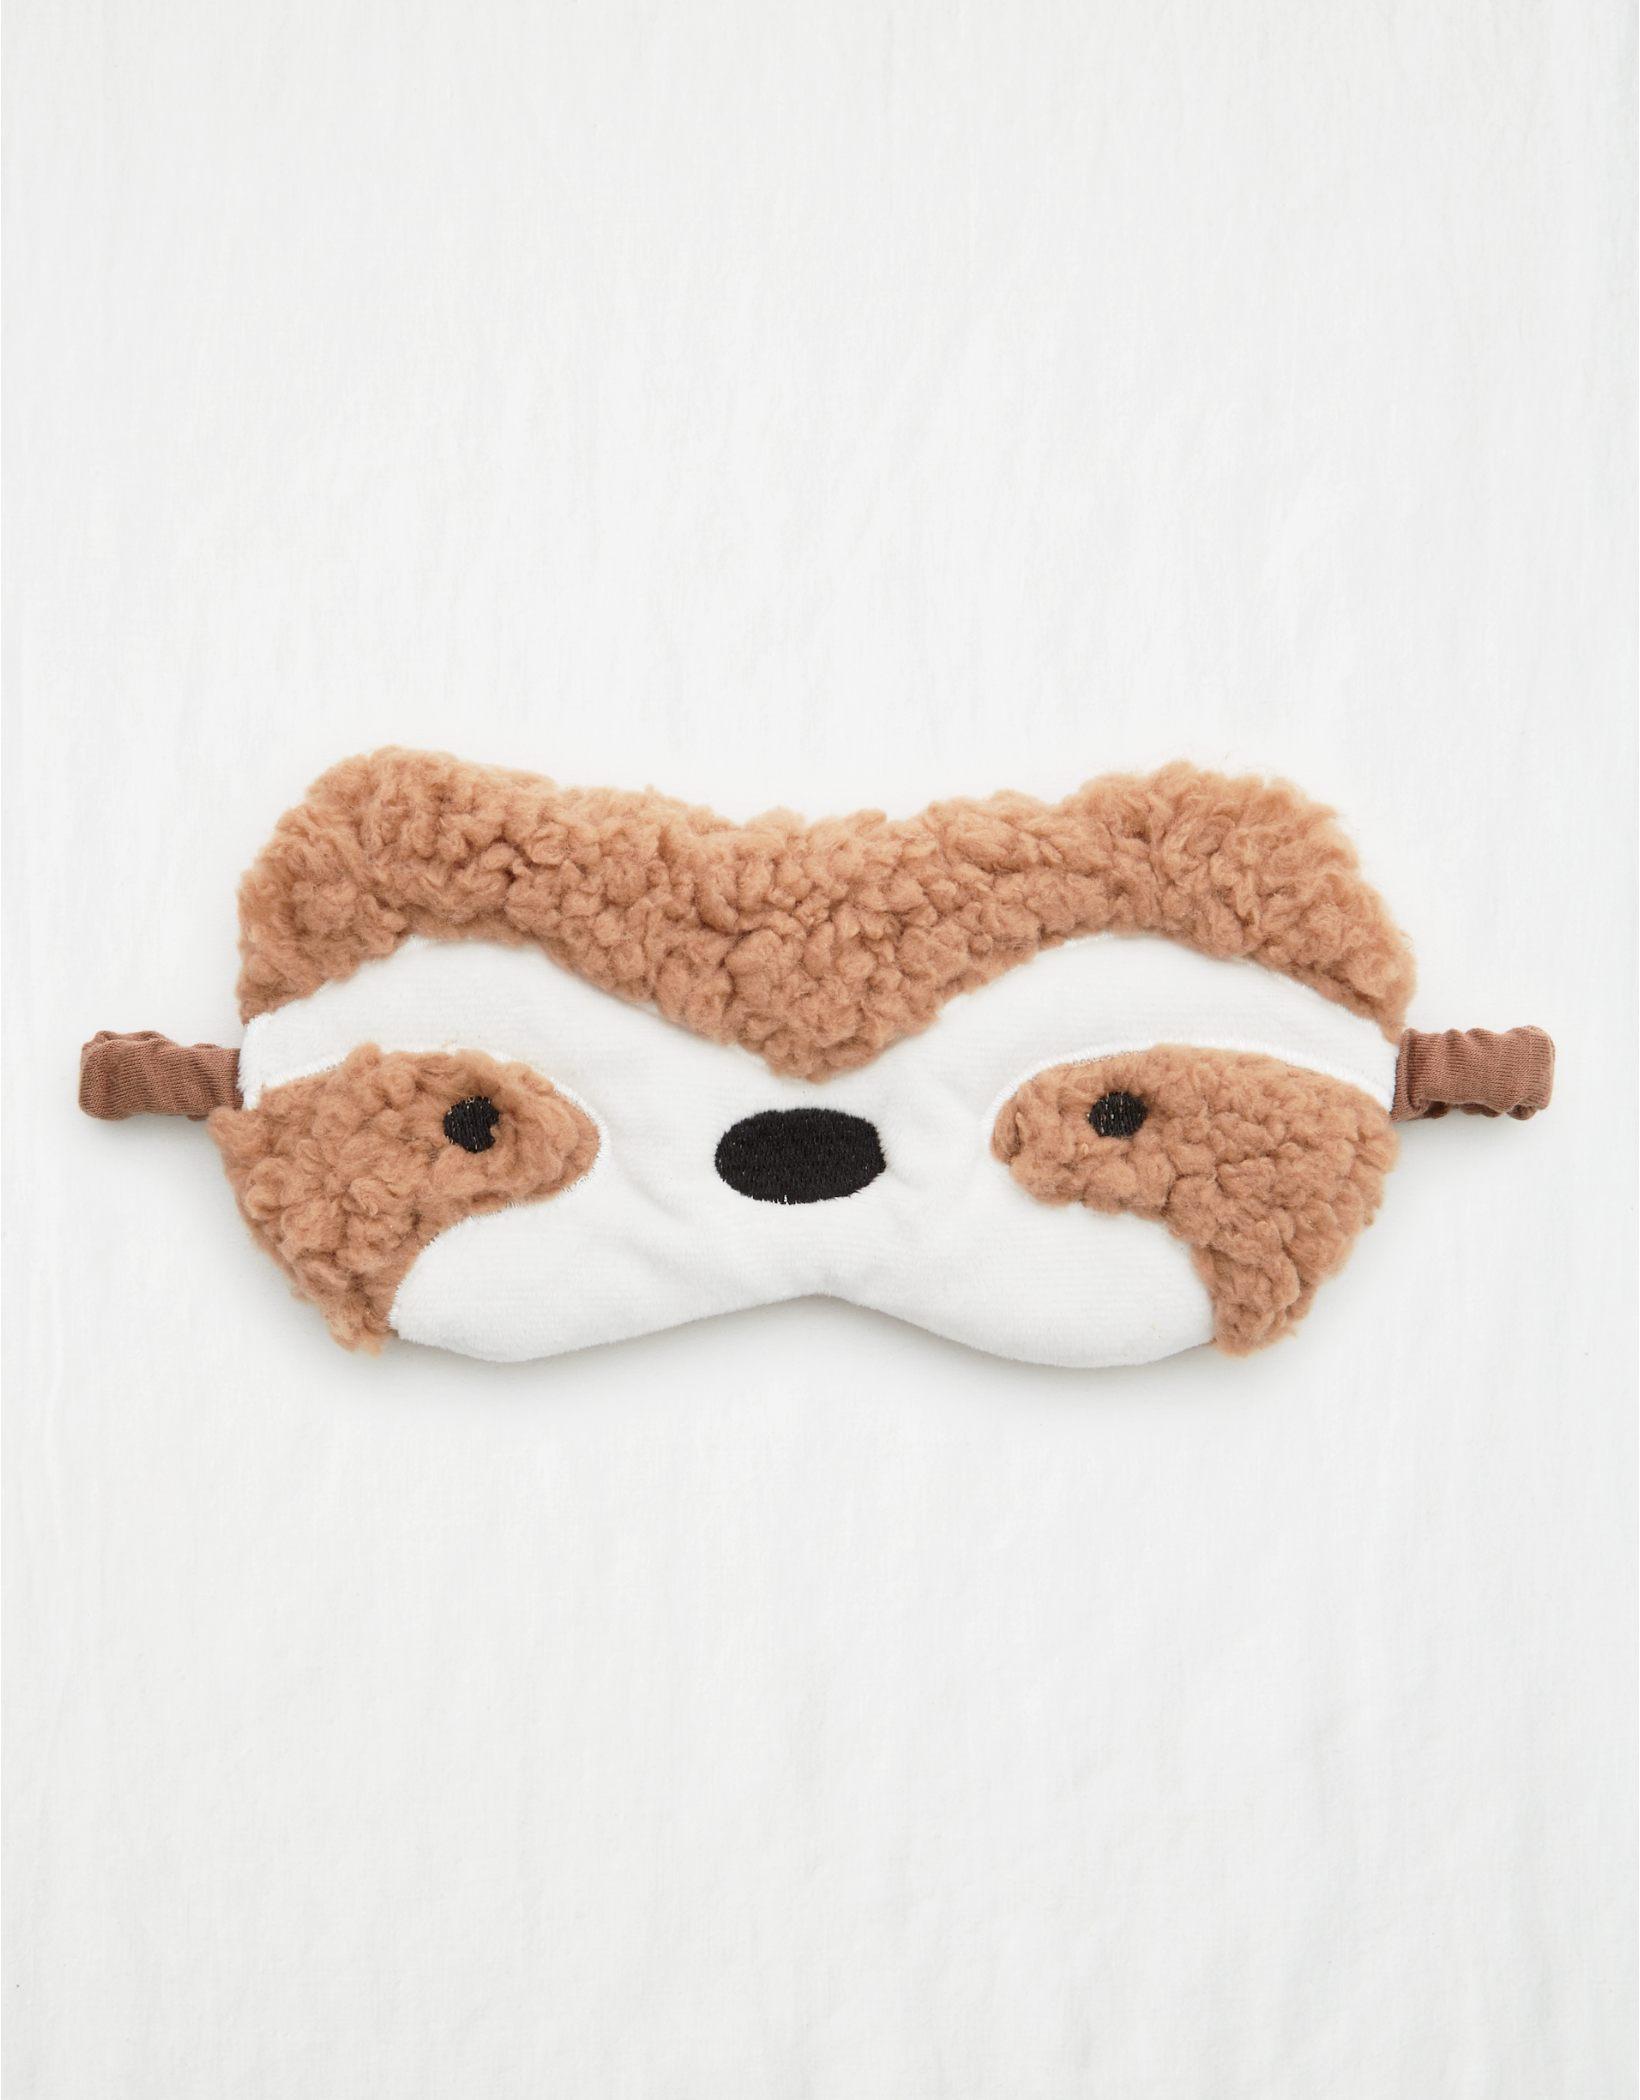 Aerie Sloth Sleep Mask